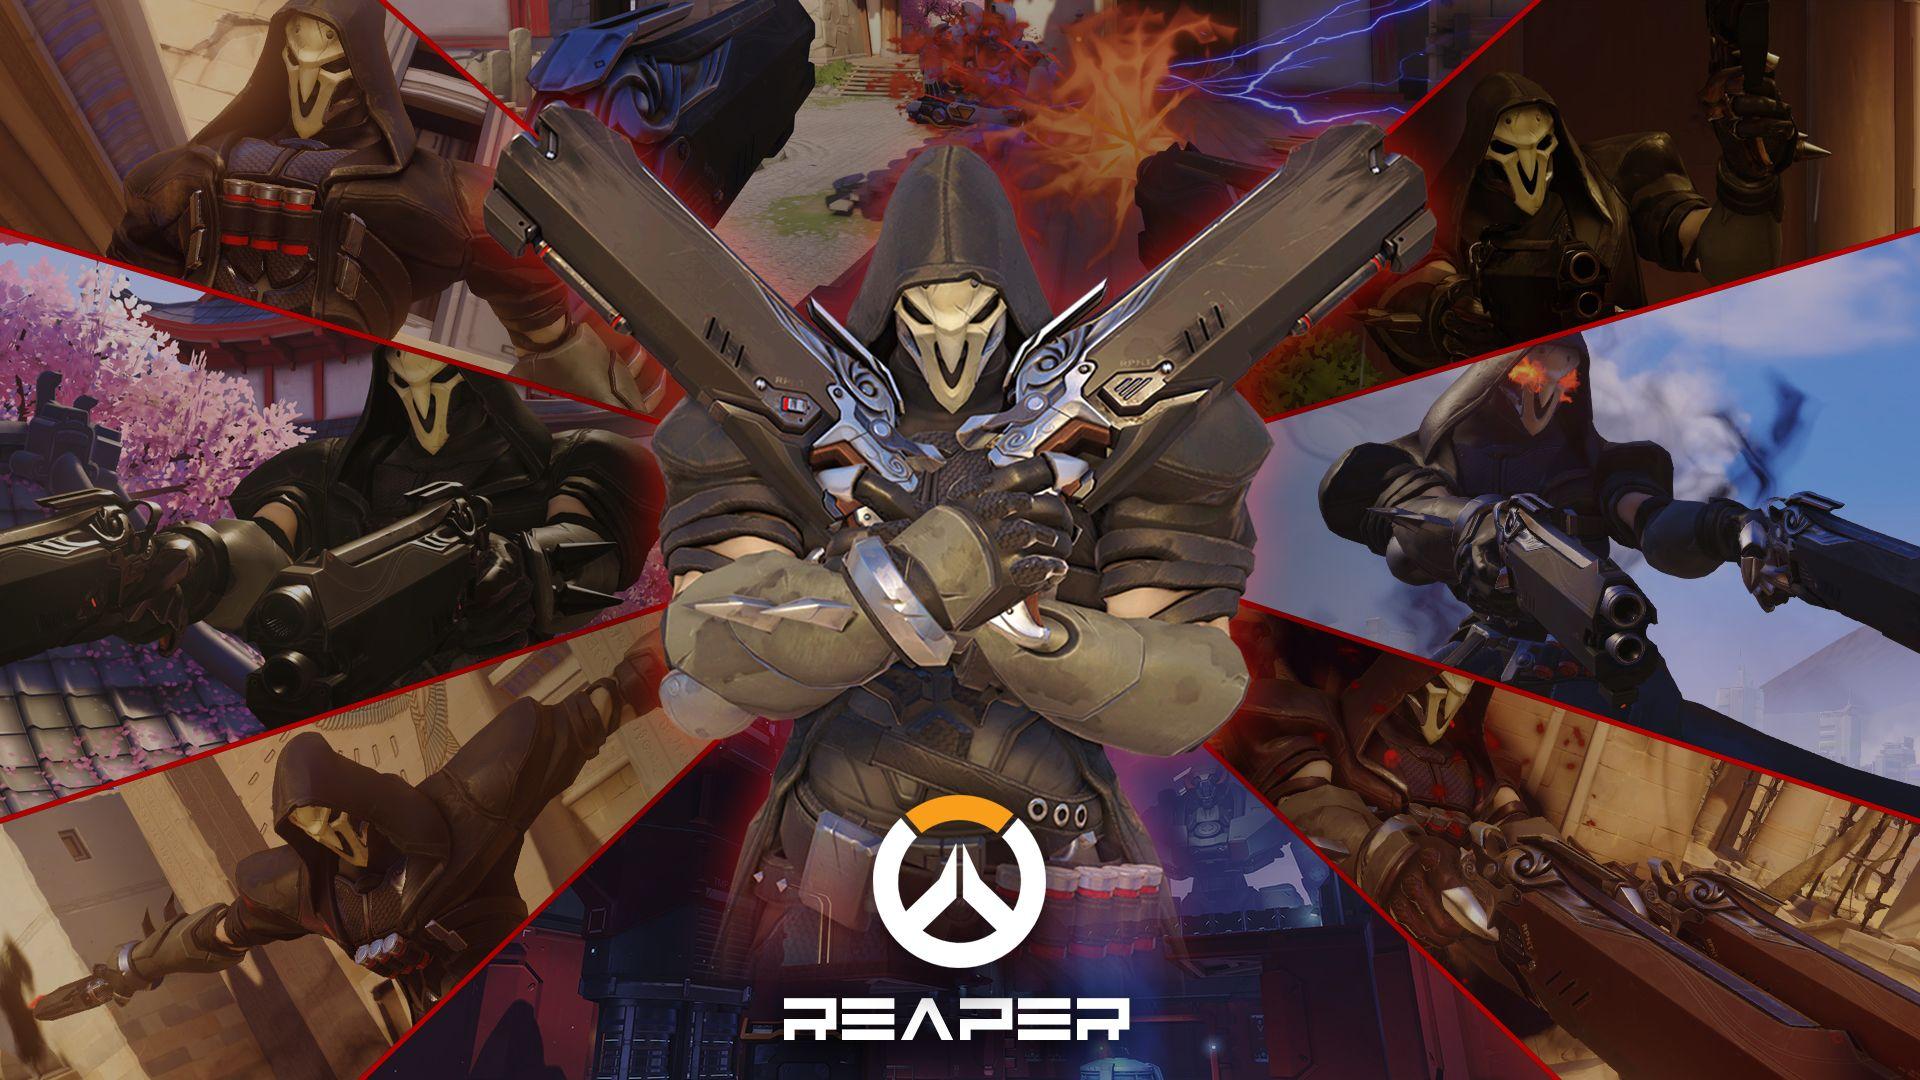 Video Game Overwatch Reaper (Overwatch) Wallpaper